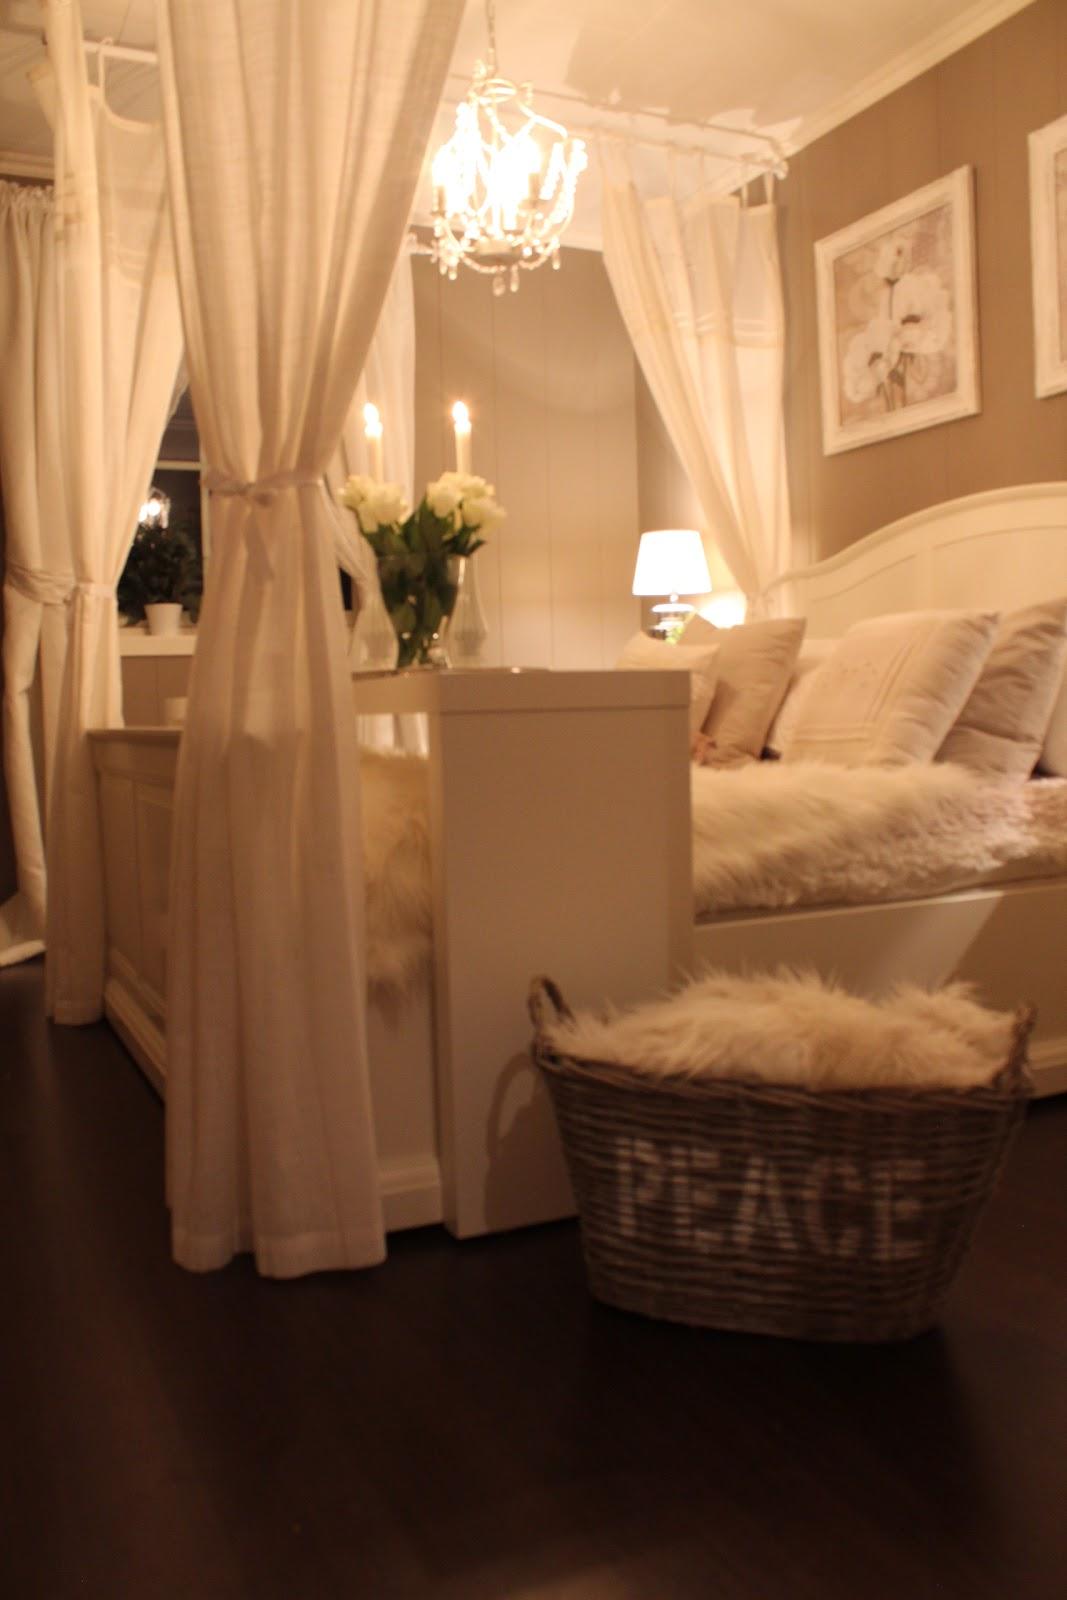 Lindevegen: The Master bedroom